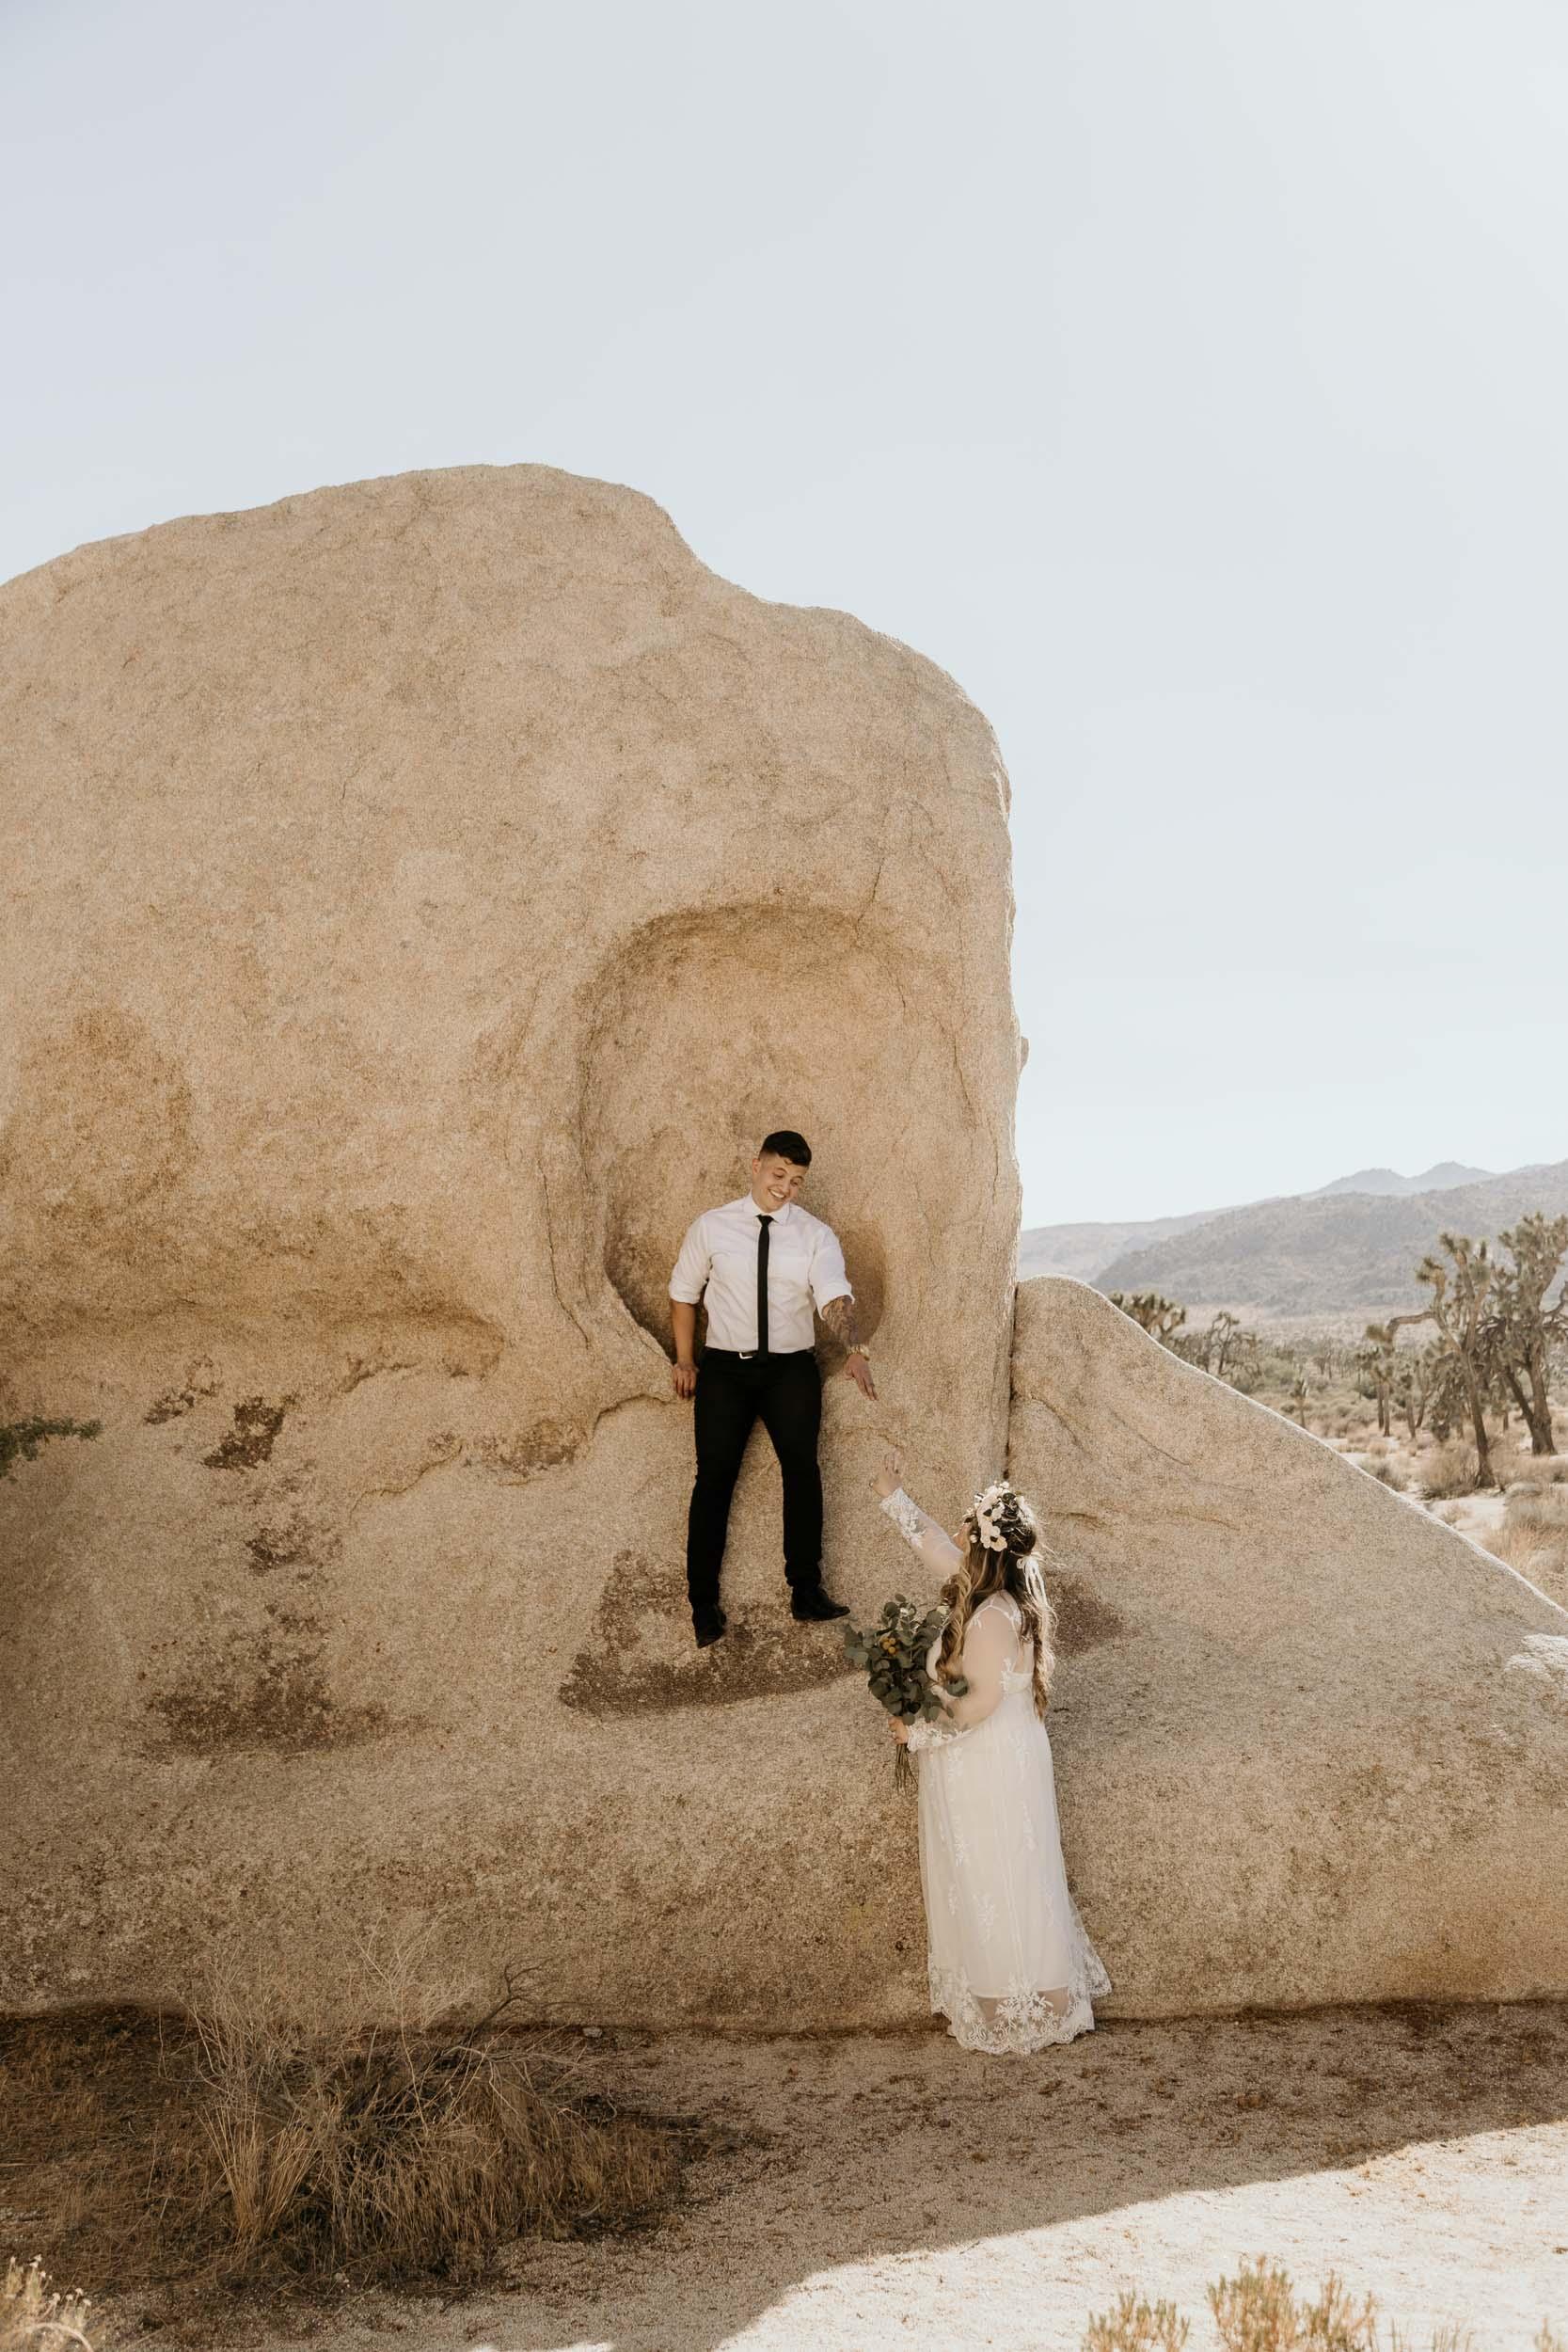 intimate-wedding-elopement-photographer-ottawa-joshua-tree-0510.jpg